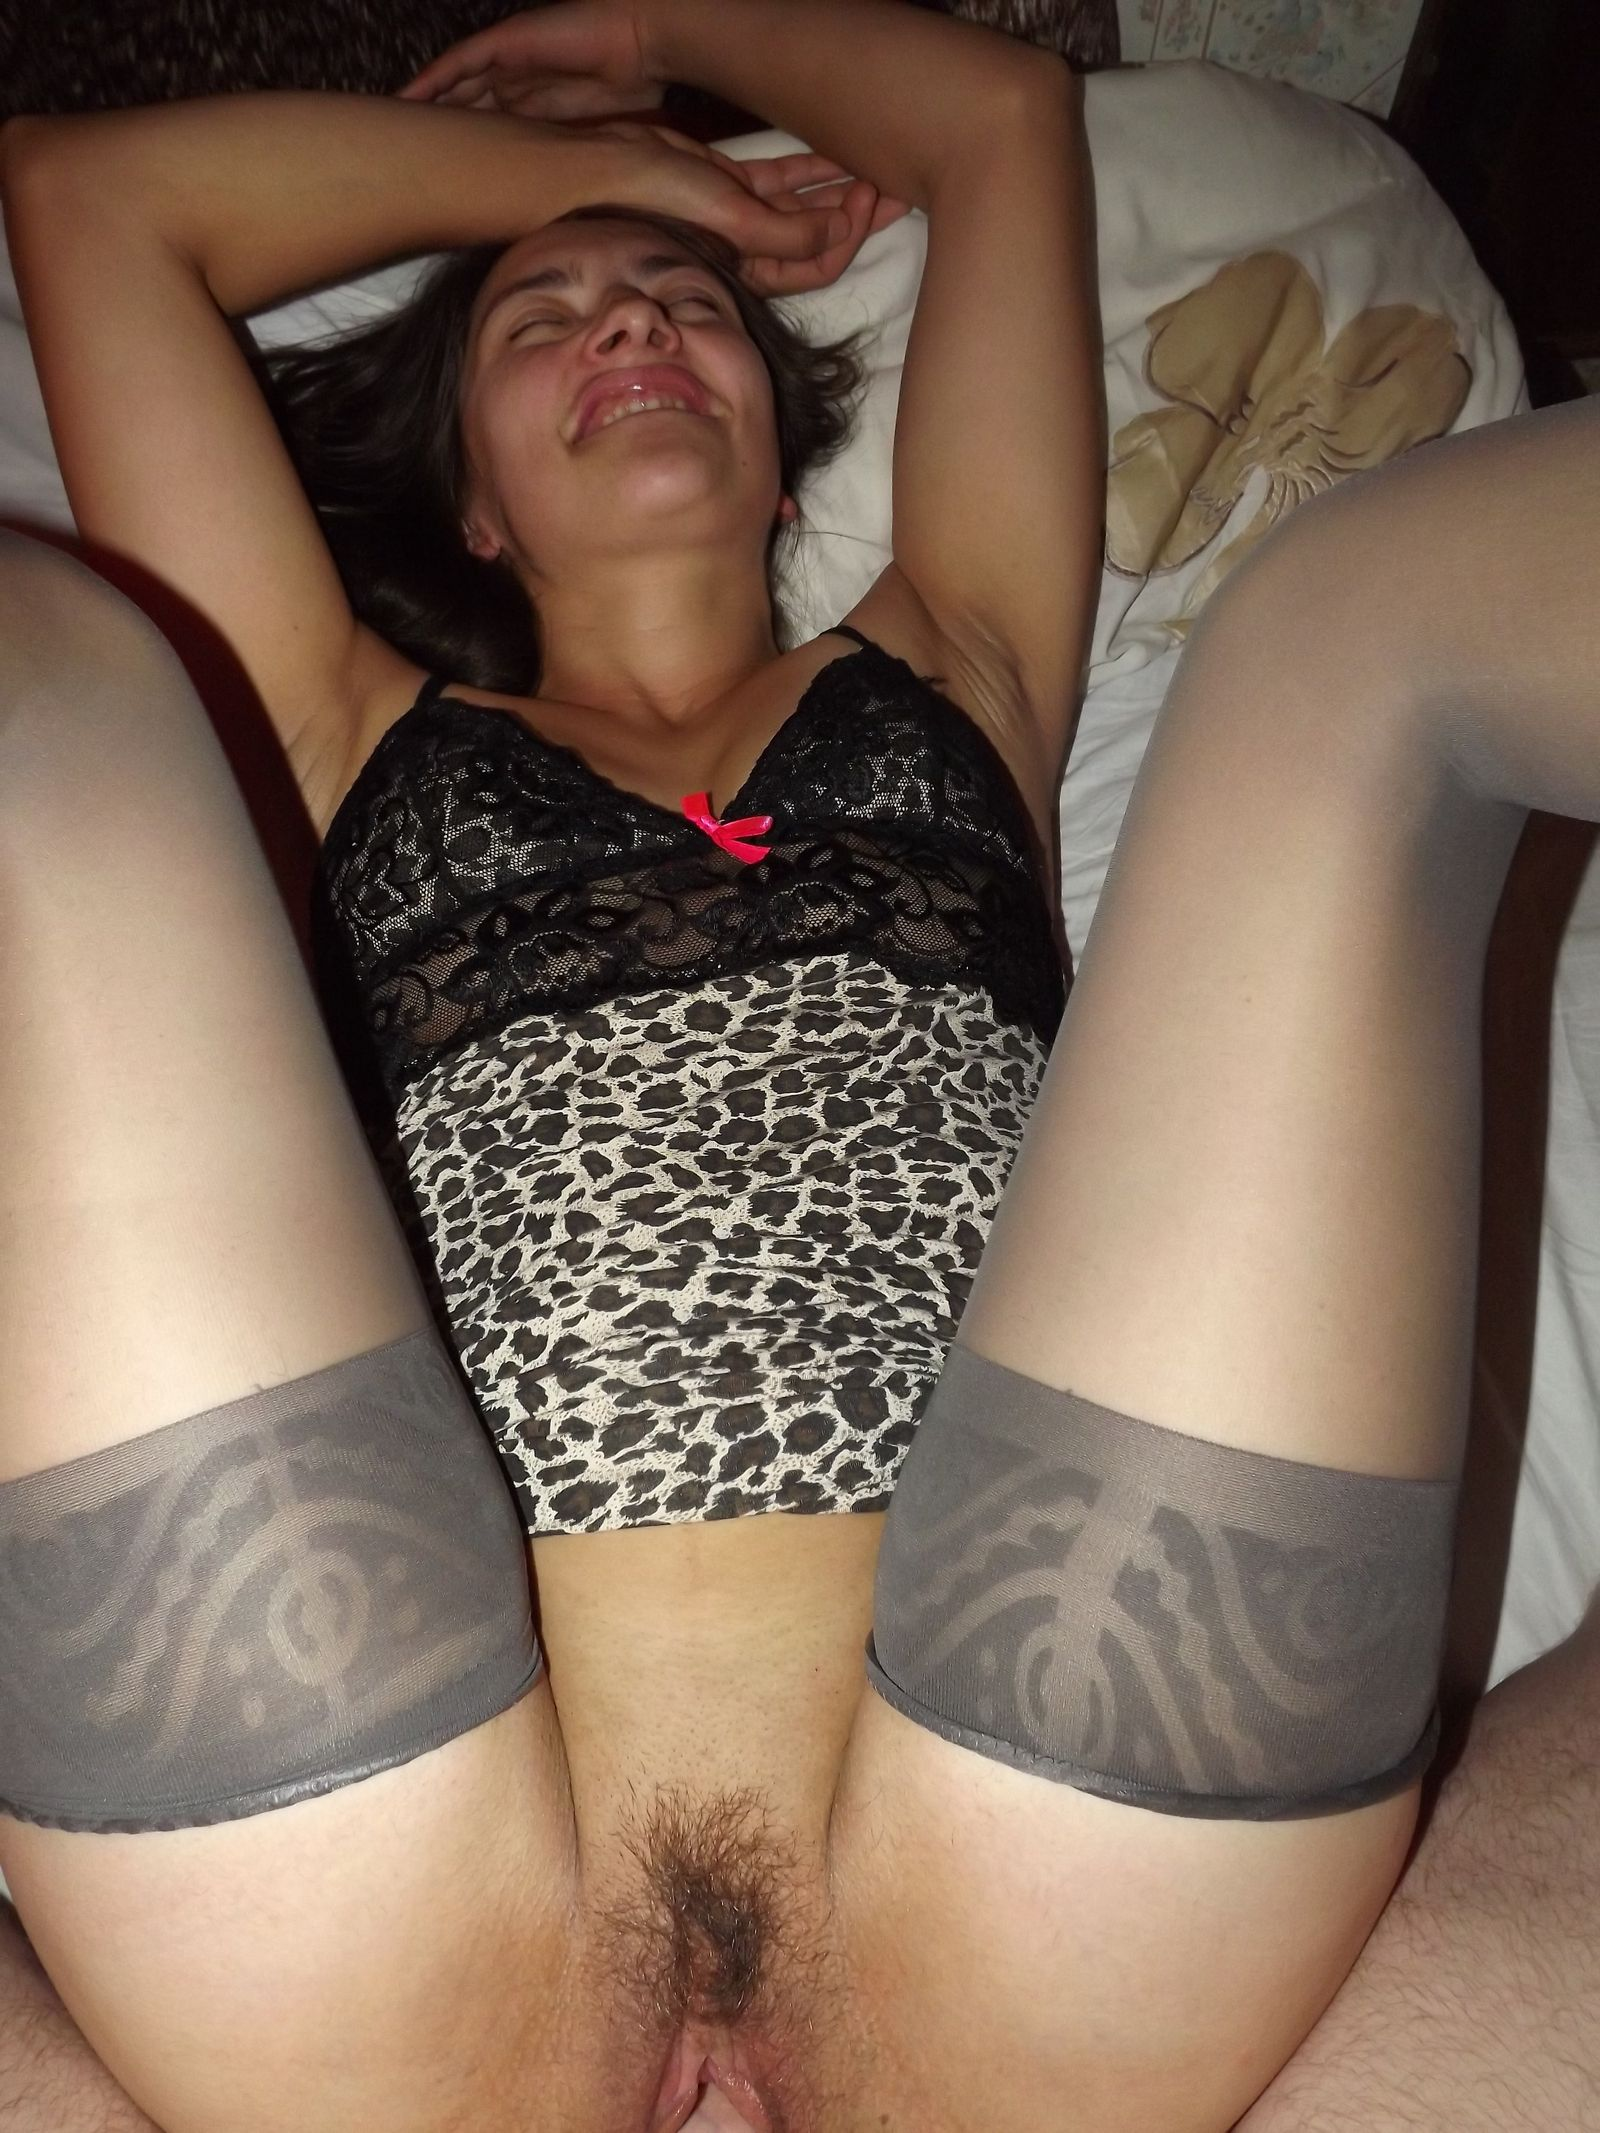 Девка раскрывает перед всеми ноги и демонстрирует лохматую киску, слегка стесняясь